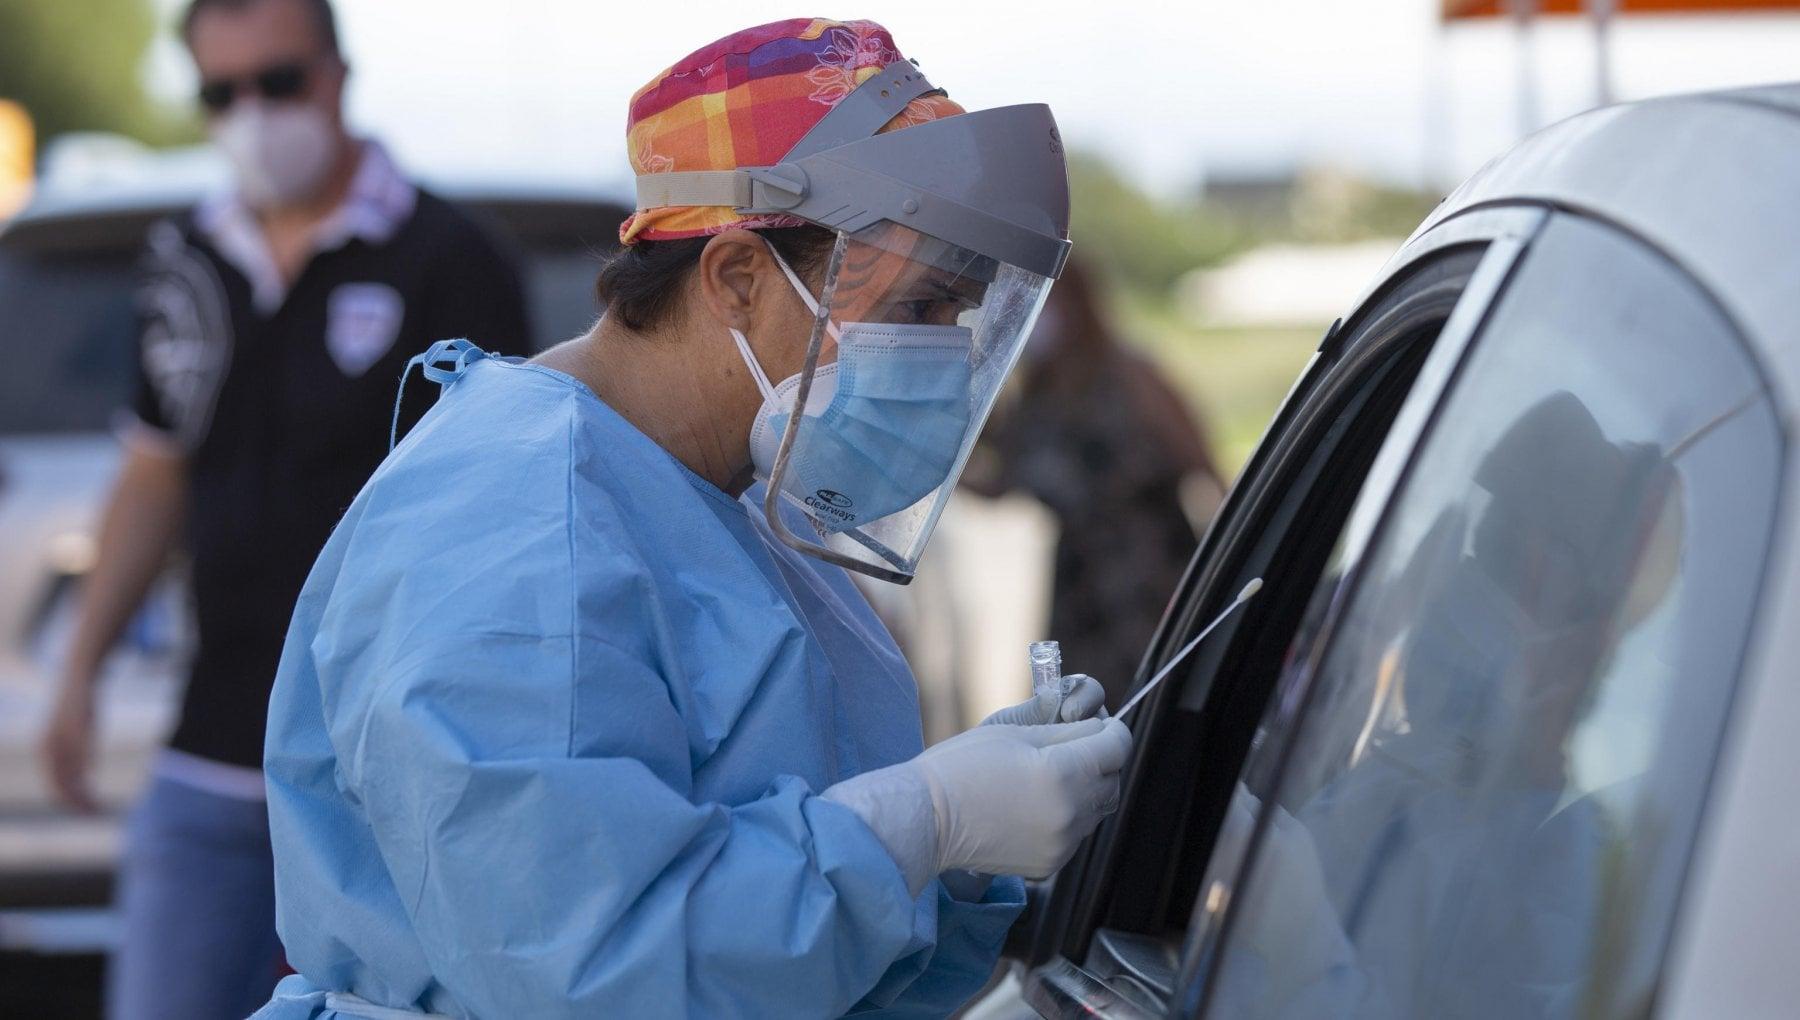 Coronavirus ecco quali sono le regioni rosso scuro in Italia e in Europa. Test obbligatorio e quarantena per muoversi e viaggiare